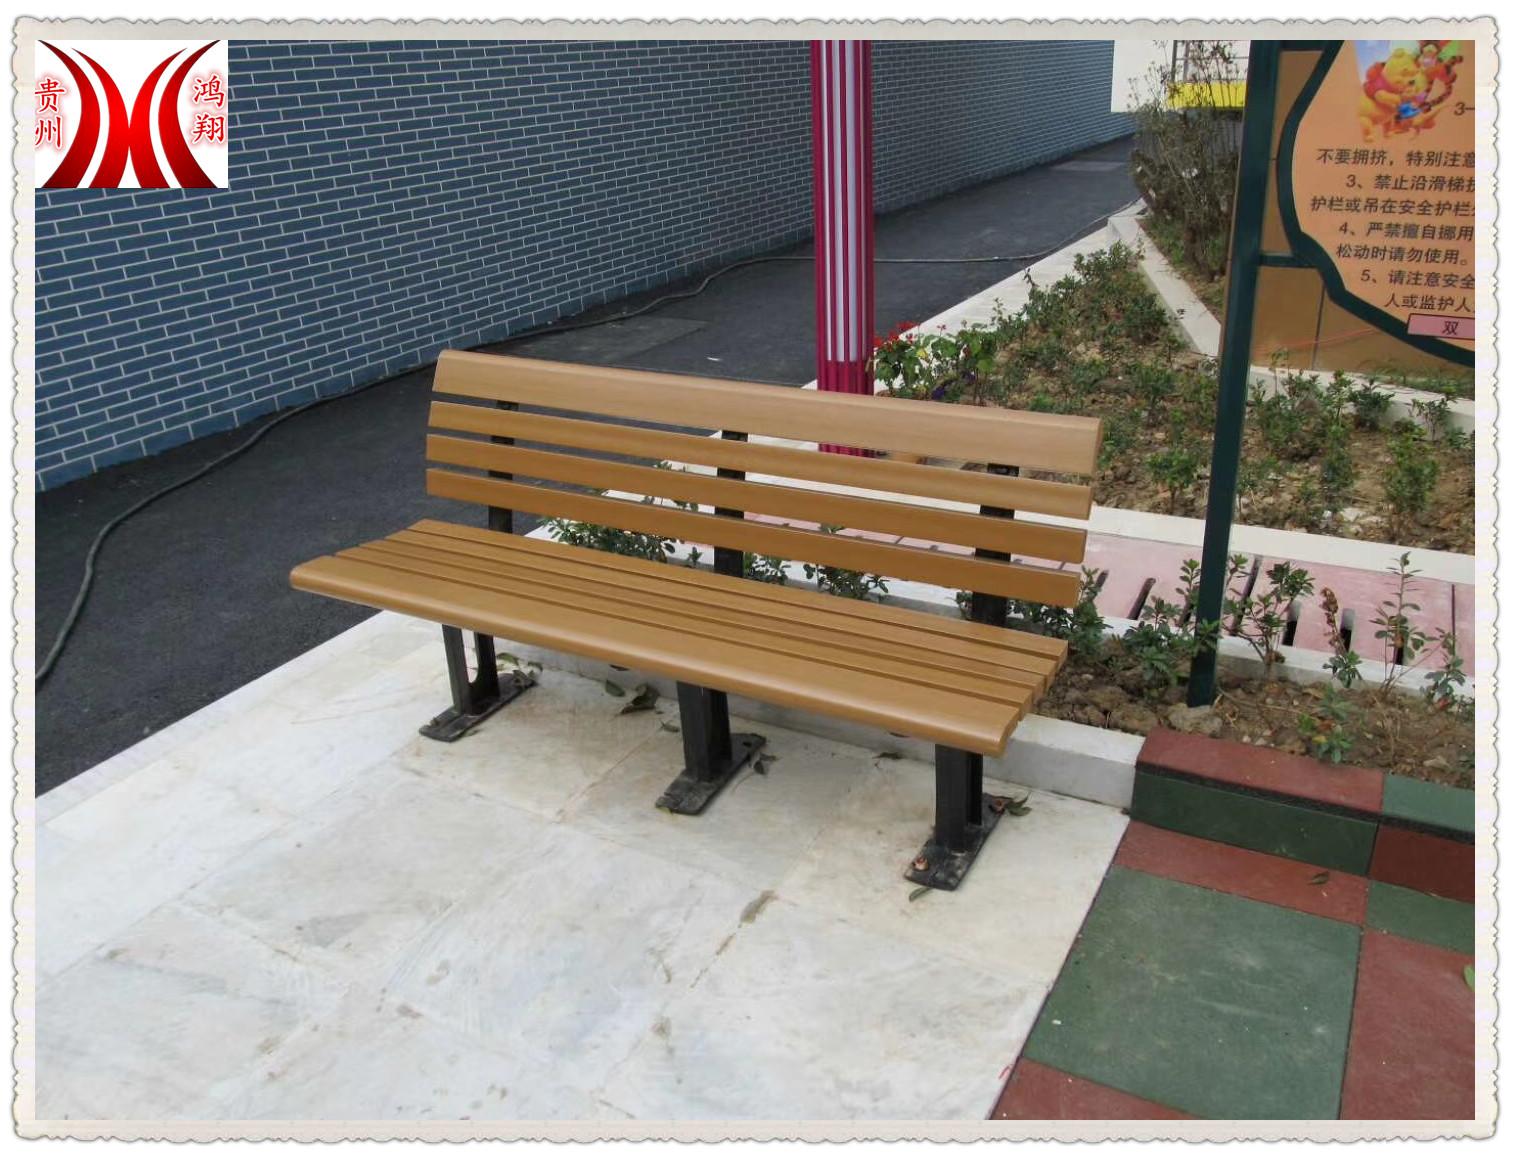 贵州贵阳防水、防腐万博manbetx官网网址有靠背座椅